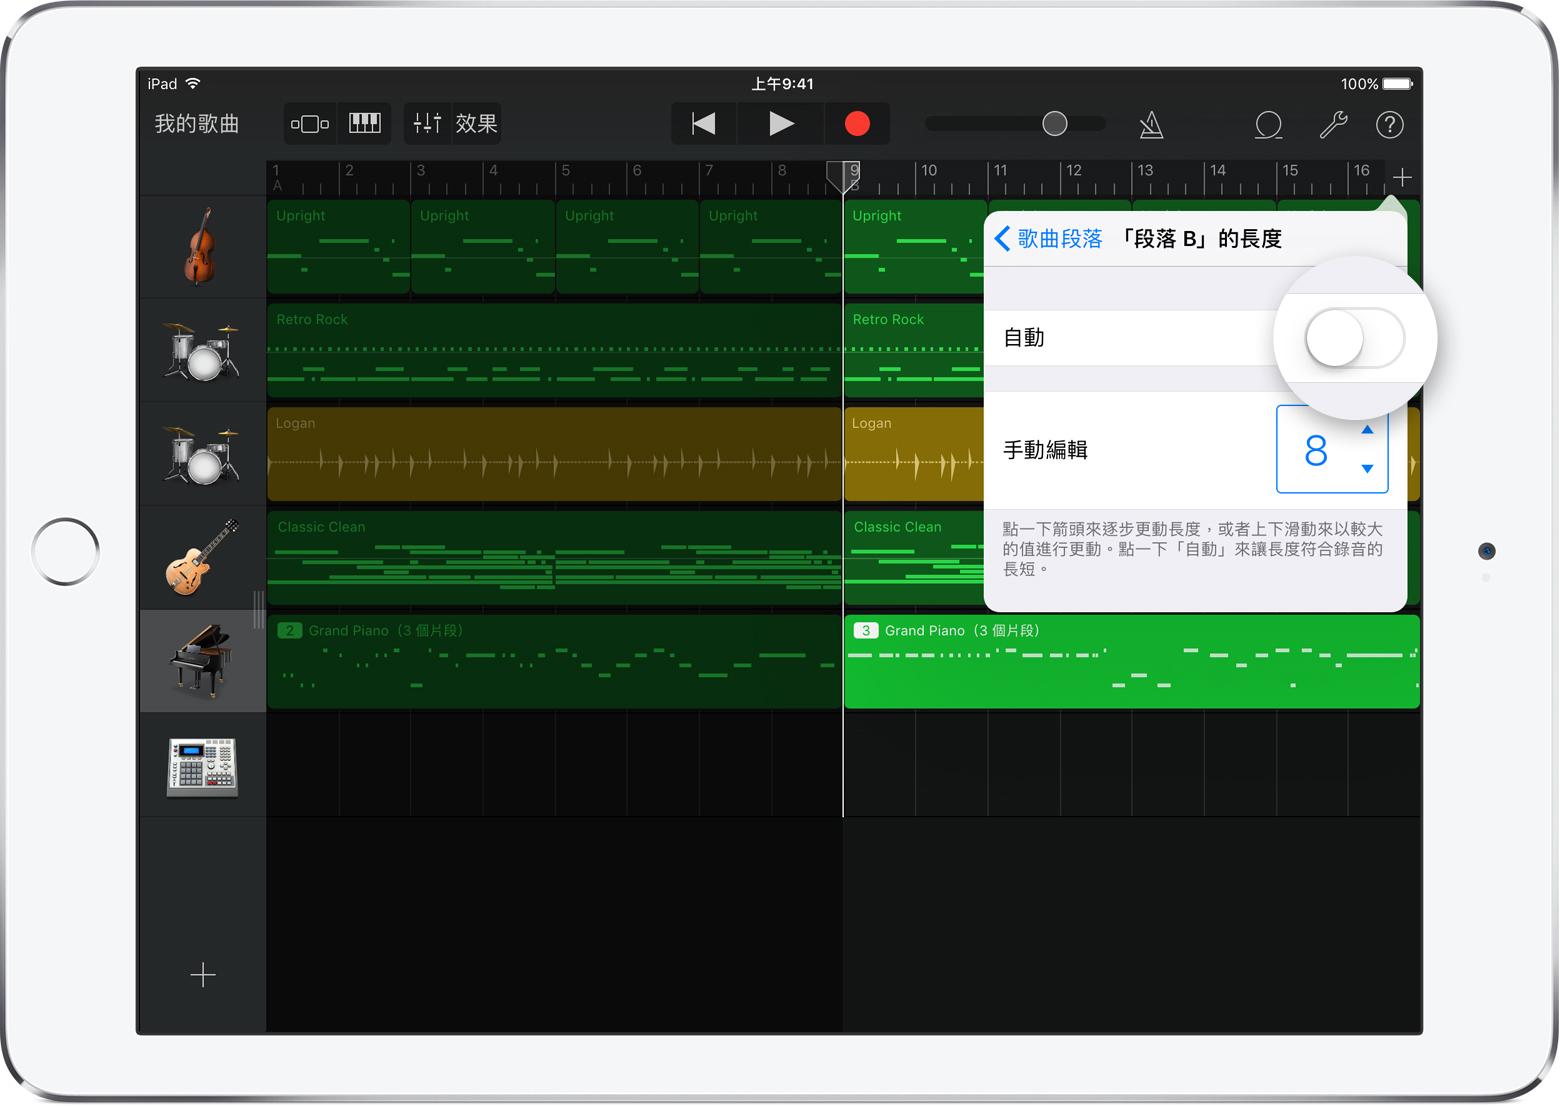 想你中所有歌曲_在 iOS 版 GarageBand 中錄製多個片段 - Apple 支援